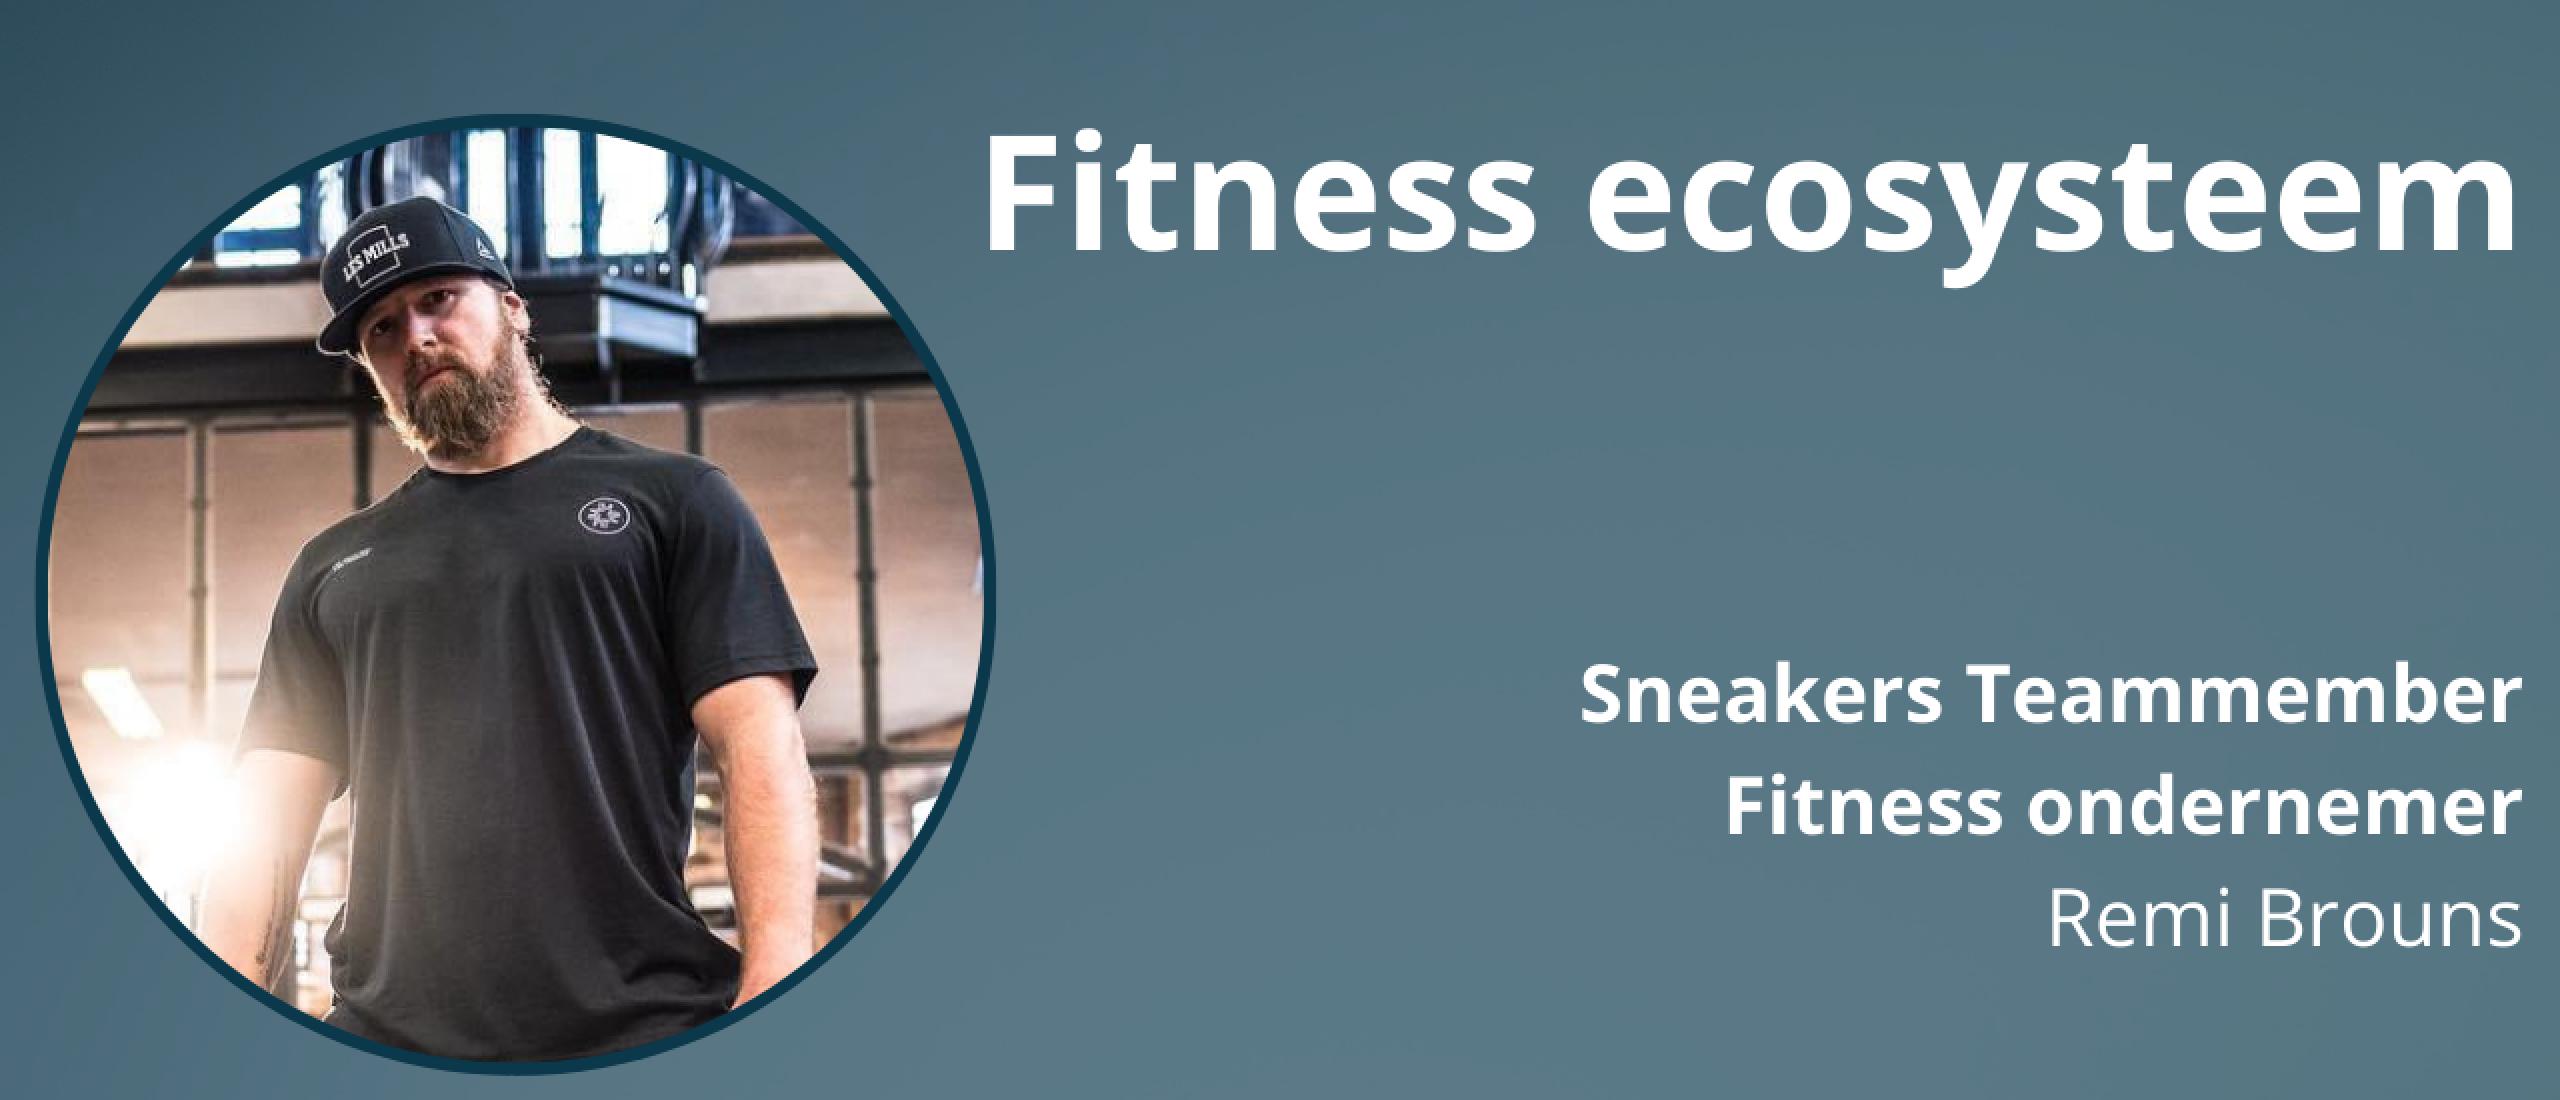 Het Fitness ecosysteem